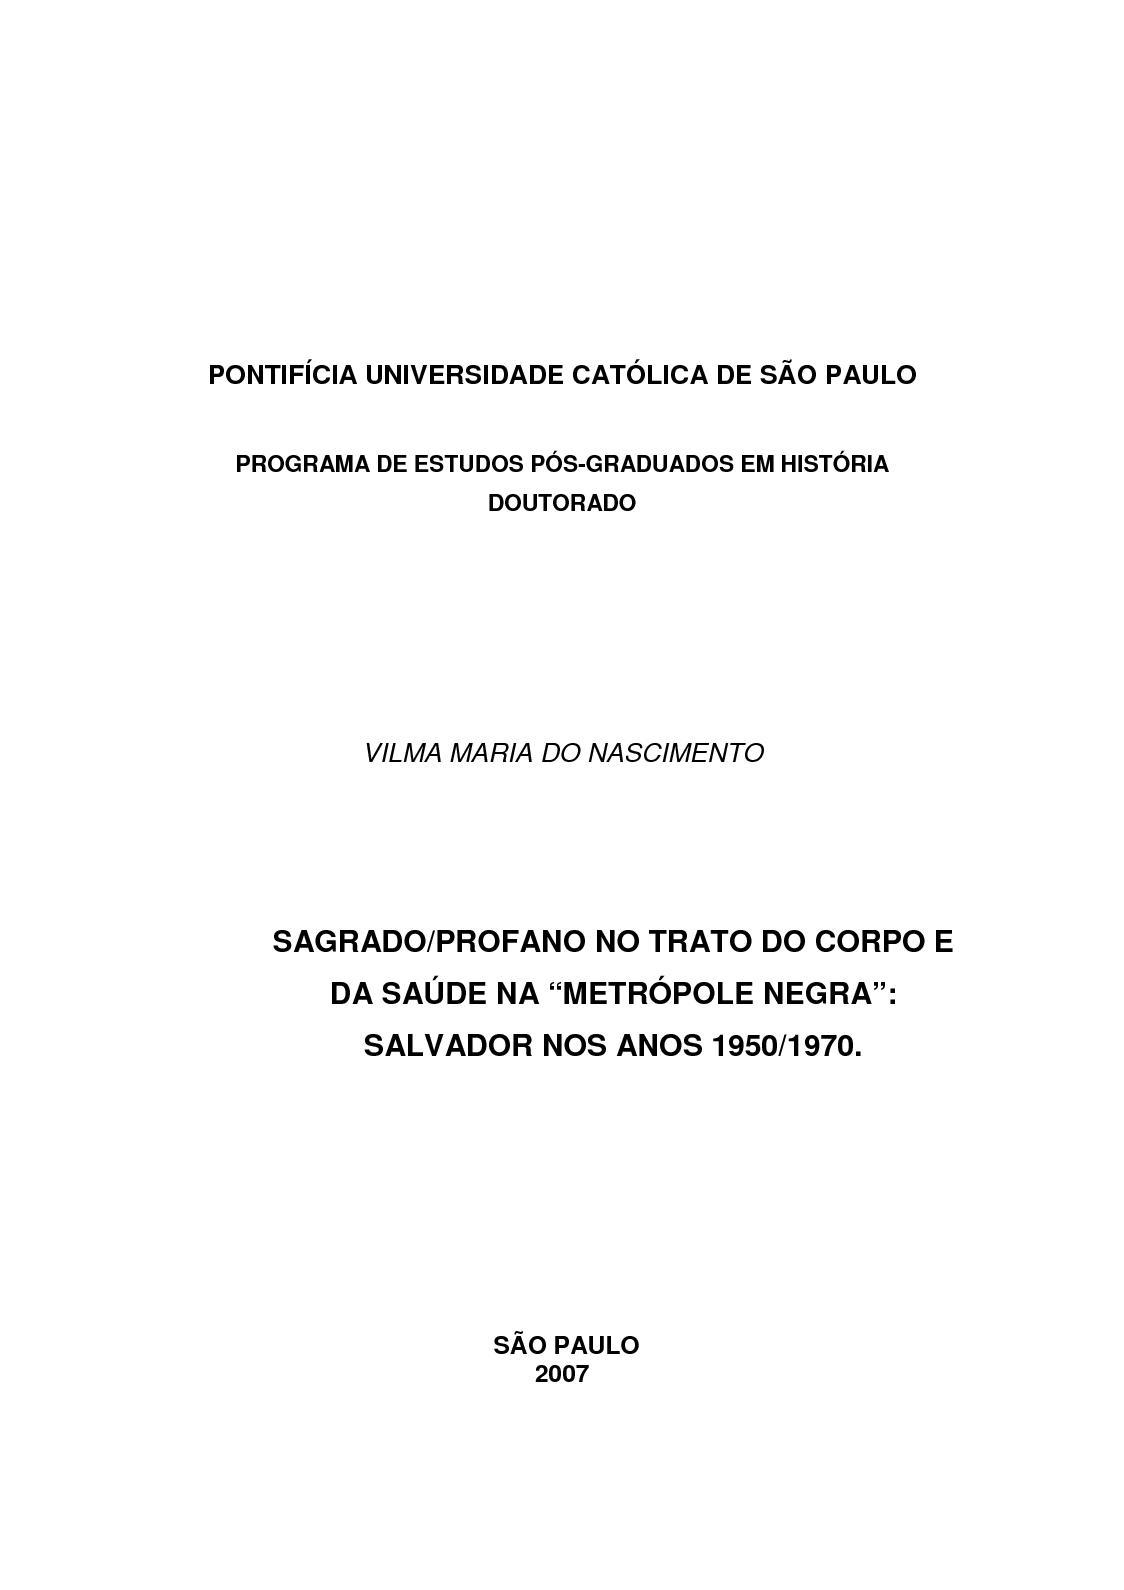 b2f3e85daa Calaméo - Metropole Negra  Salvador nos Anos 50 70   Vilma Maria do  Nascimento - PUC SP